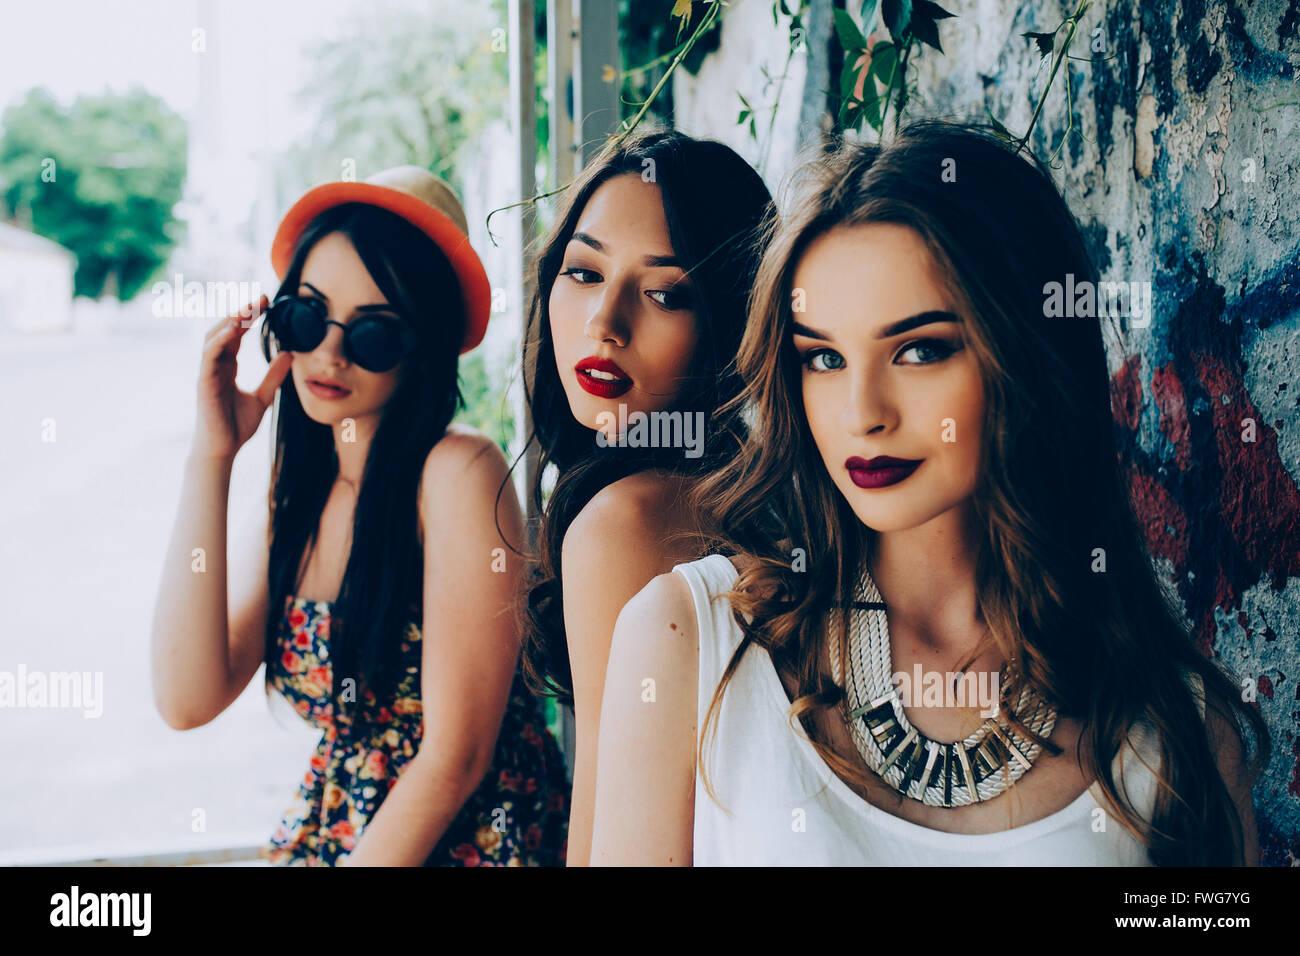 drei junge schöne Mädchen Stockbild